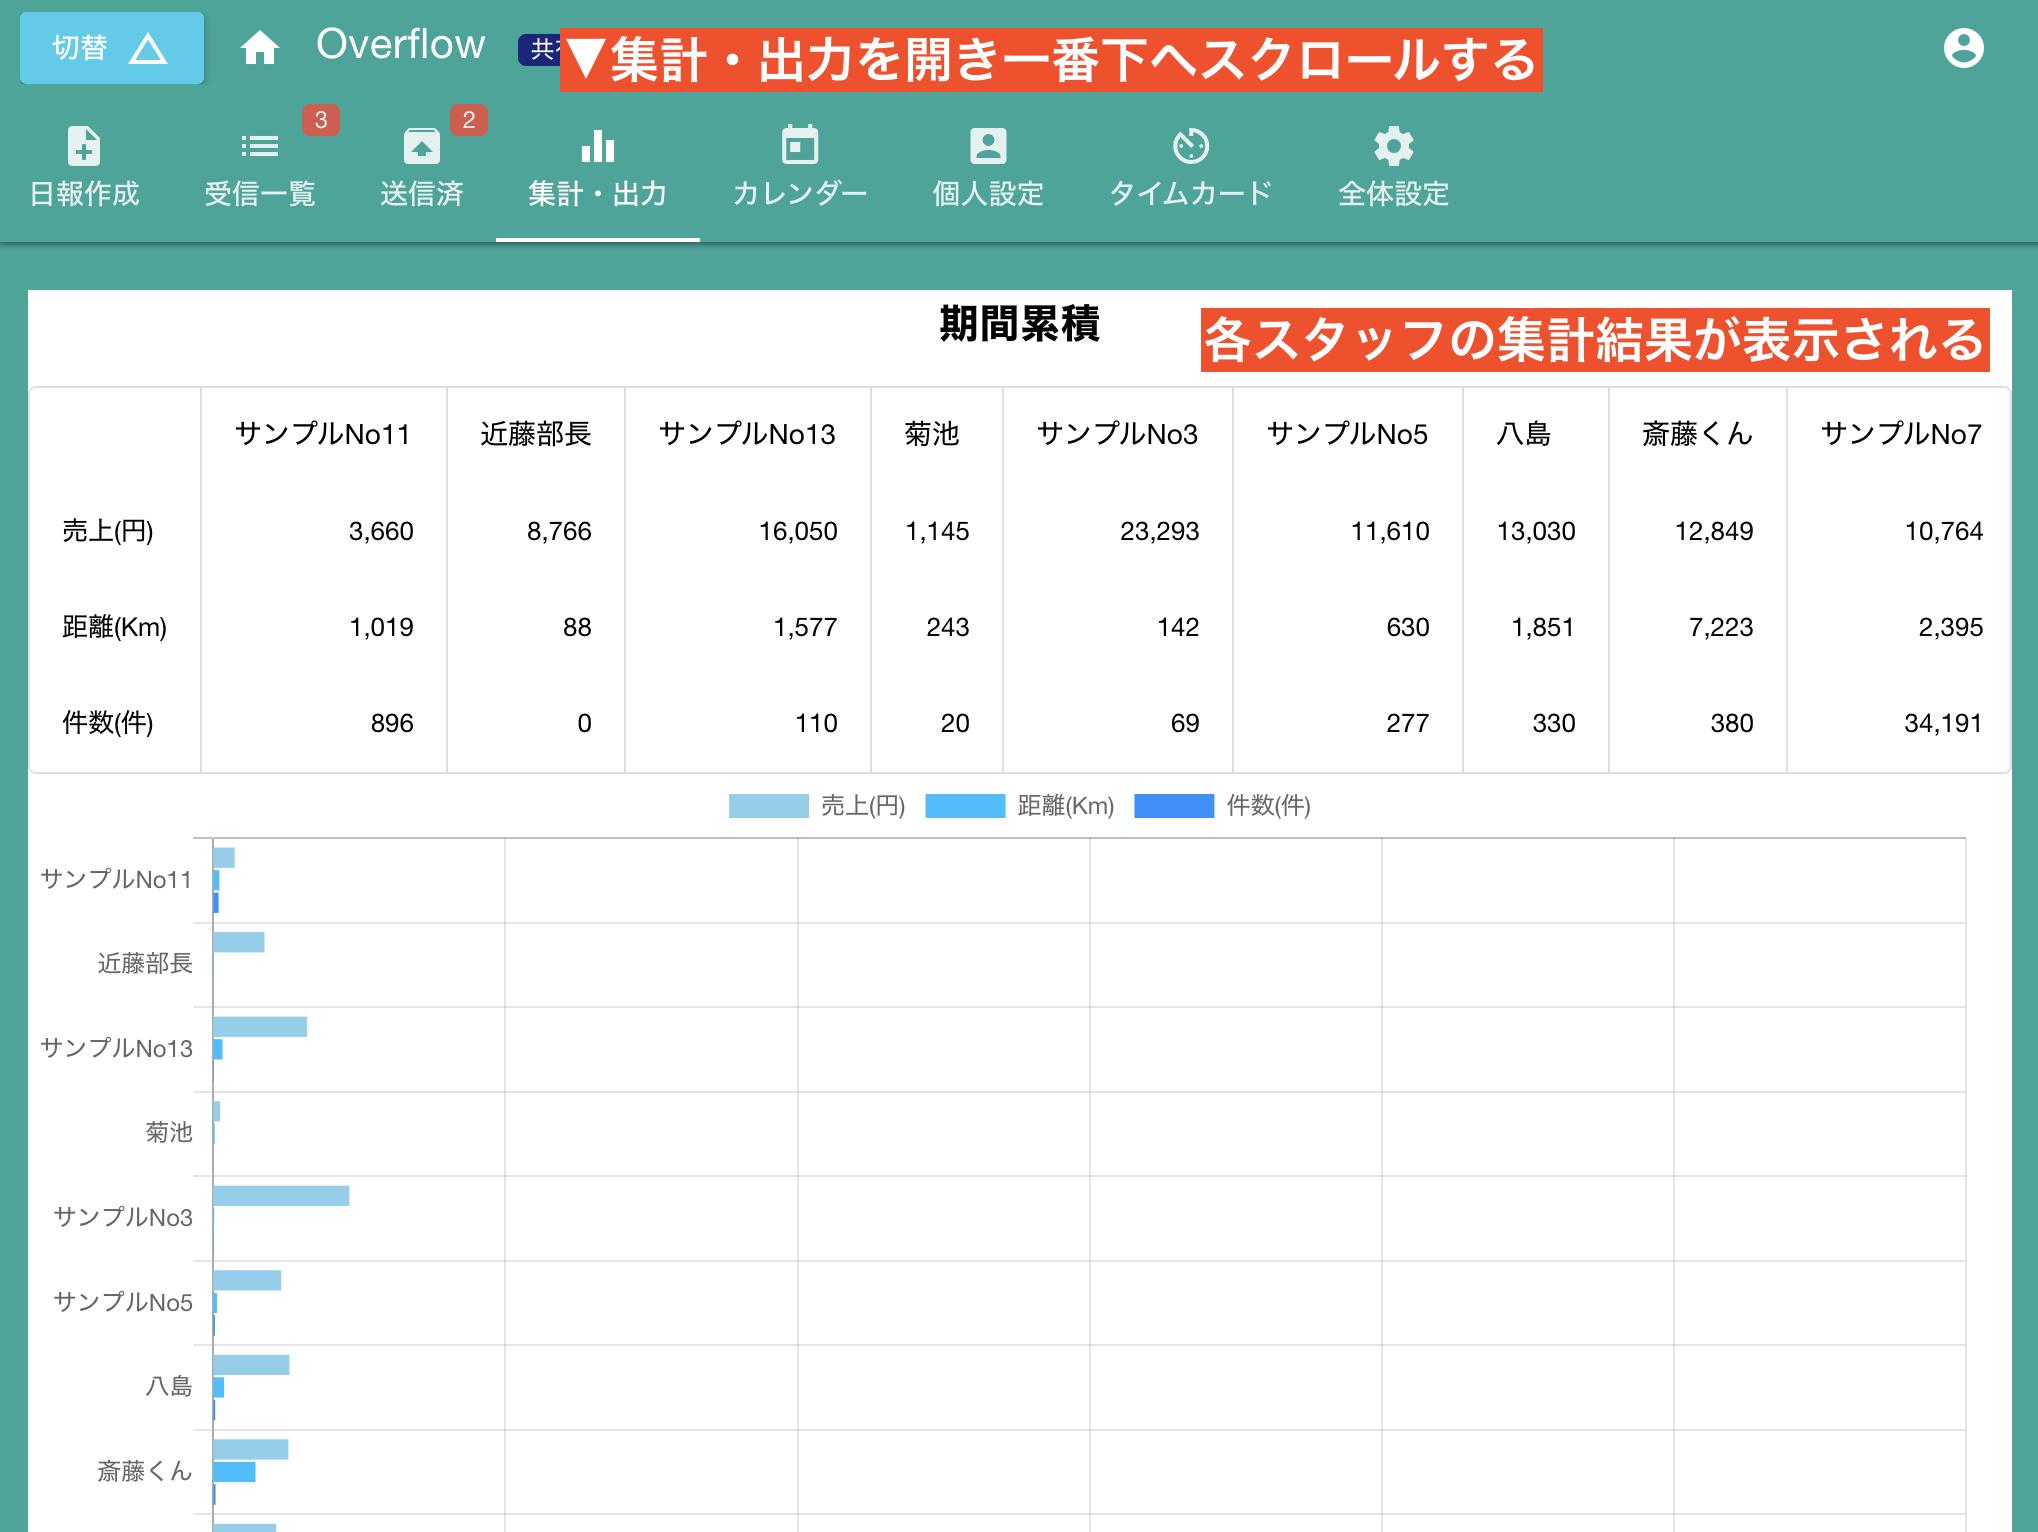 スタッフ全員のデータを棒グラフで表示する